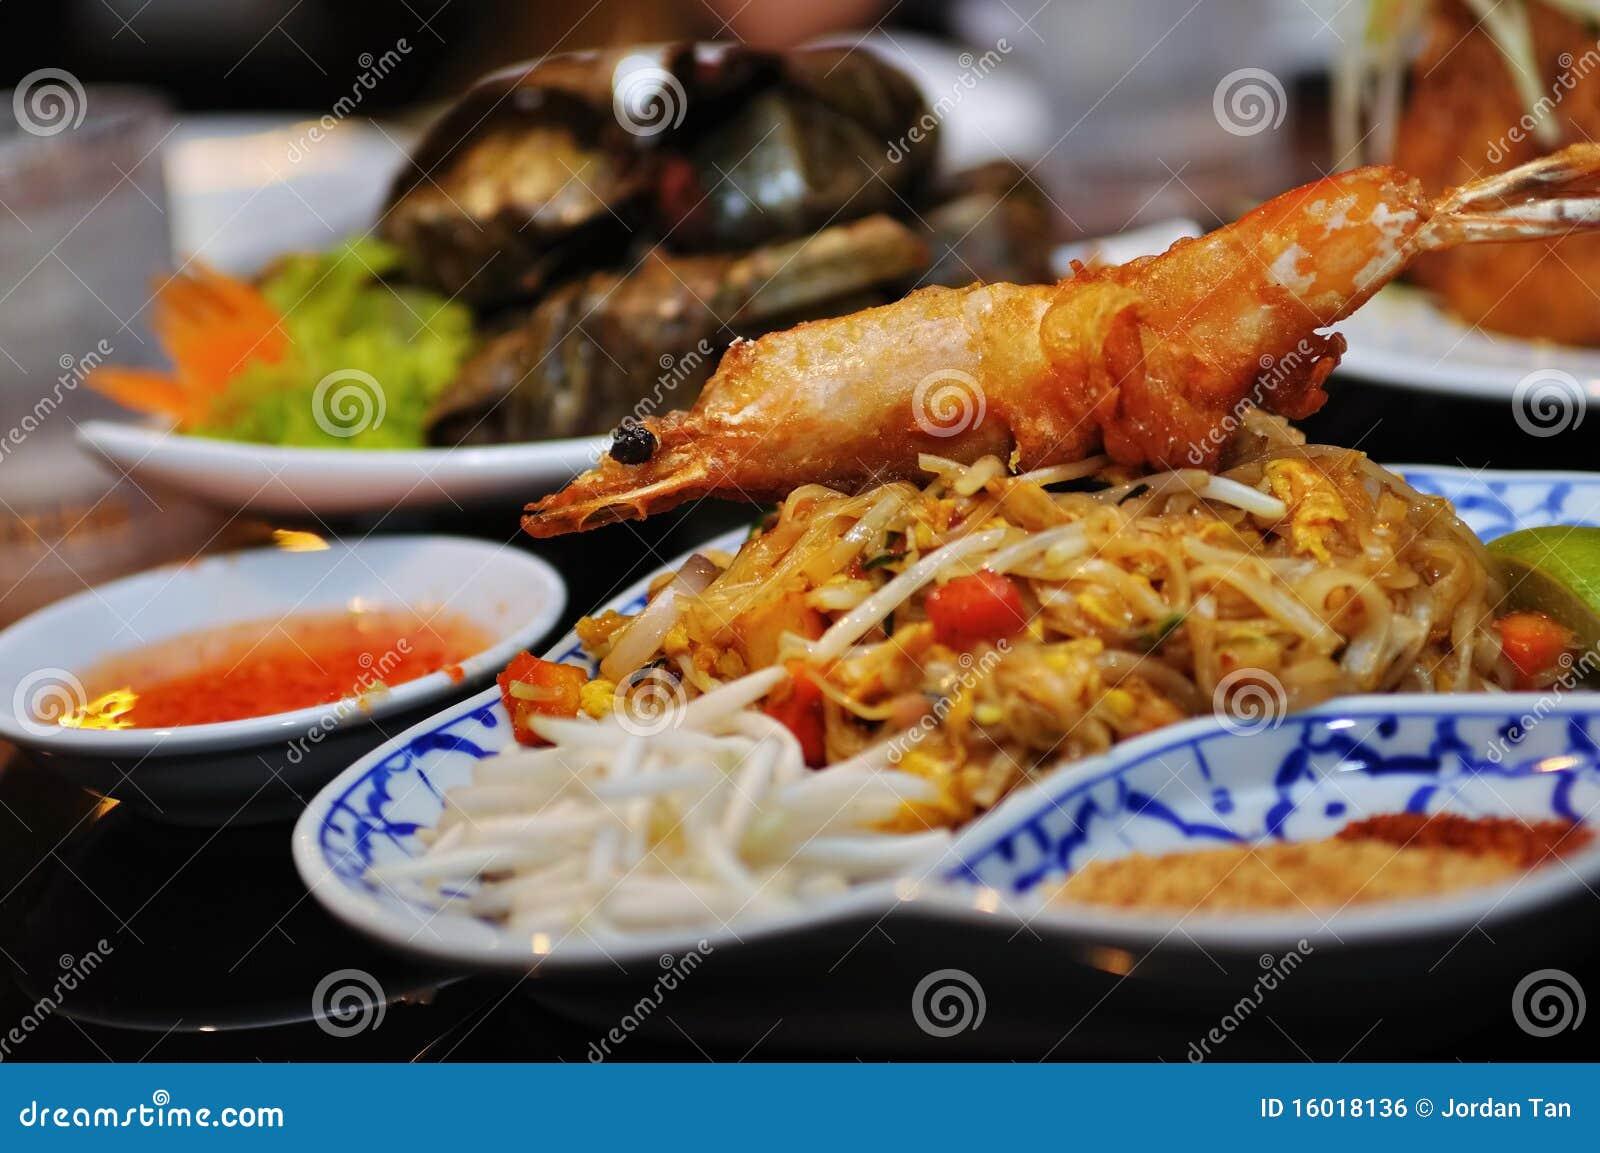 indonesier- und thailand-küche lizenzfreies stockbild - bild: 16018136 - Thailand Küche